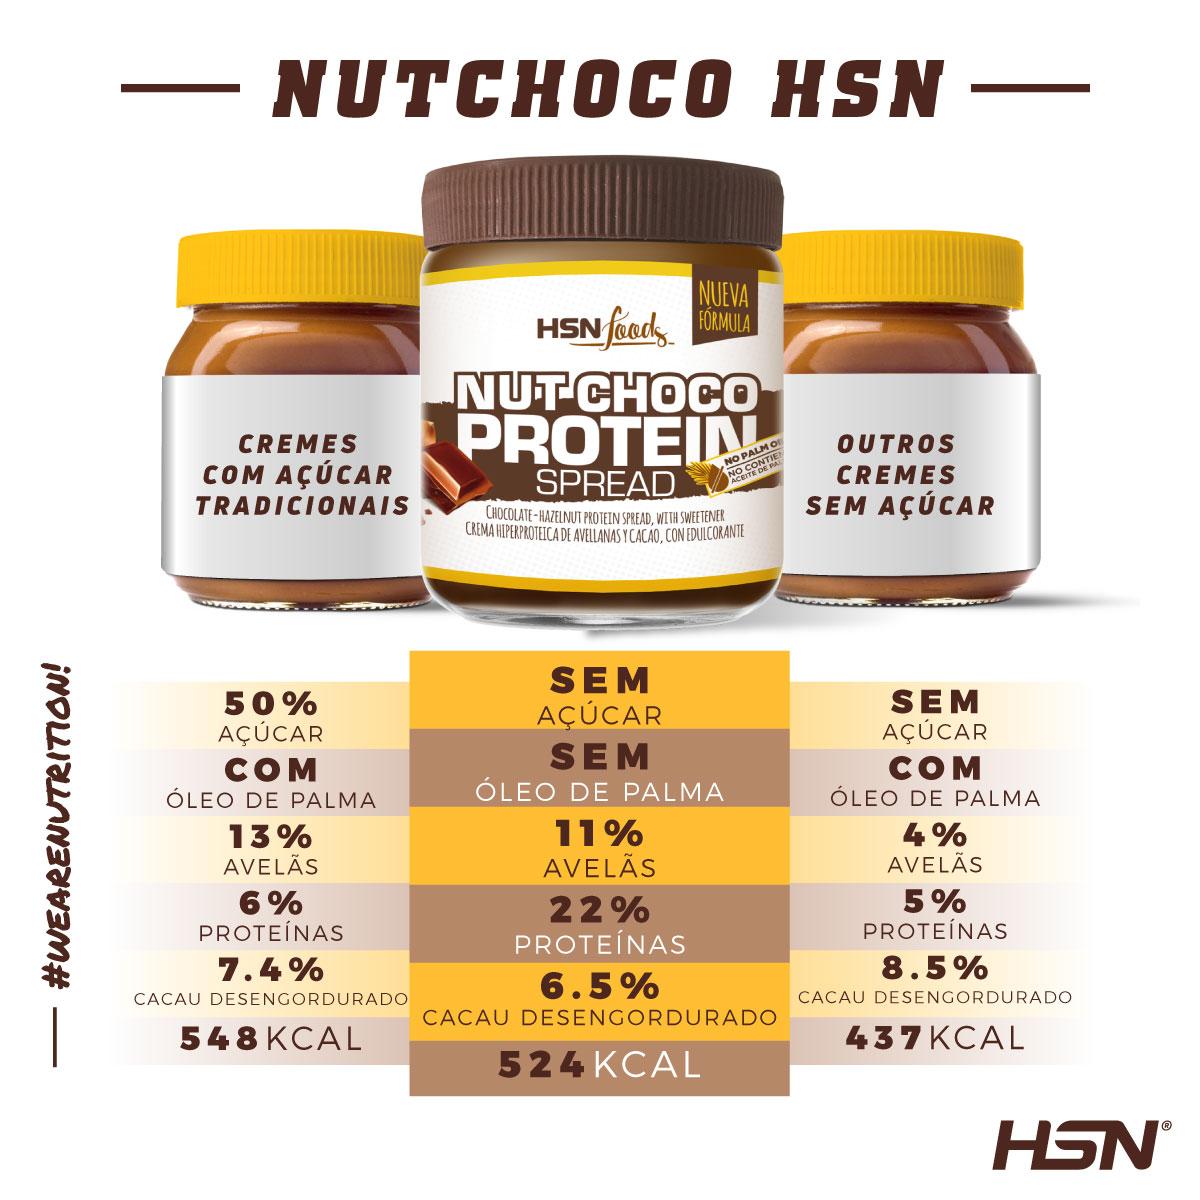 Nutchoco